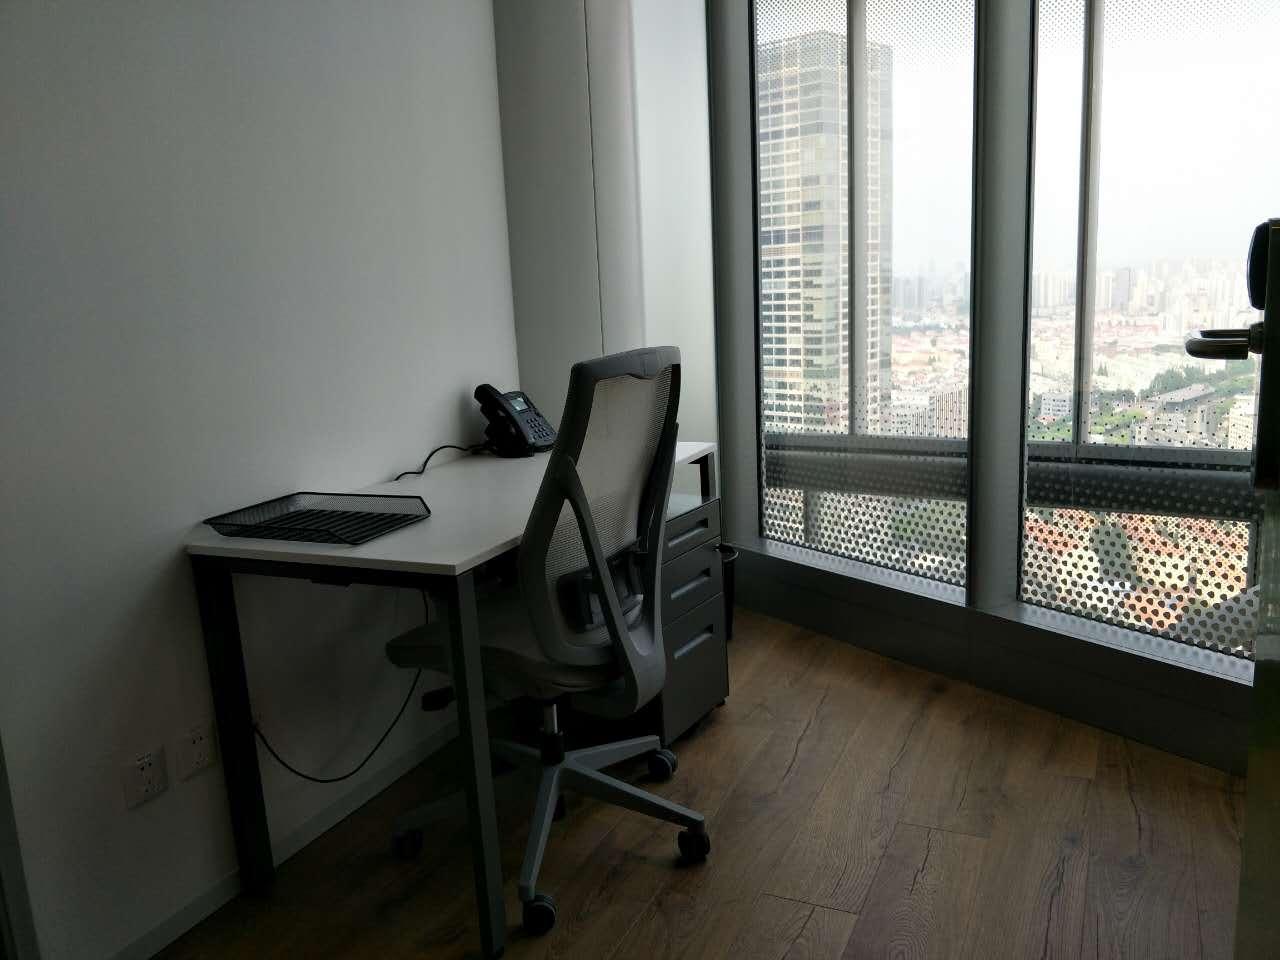 上海中心大厦SPACES出租1人间带窗户现房